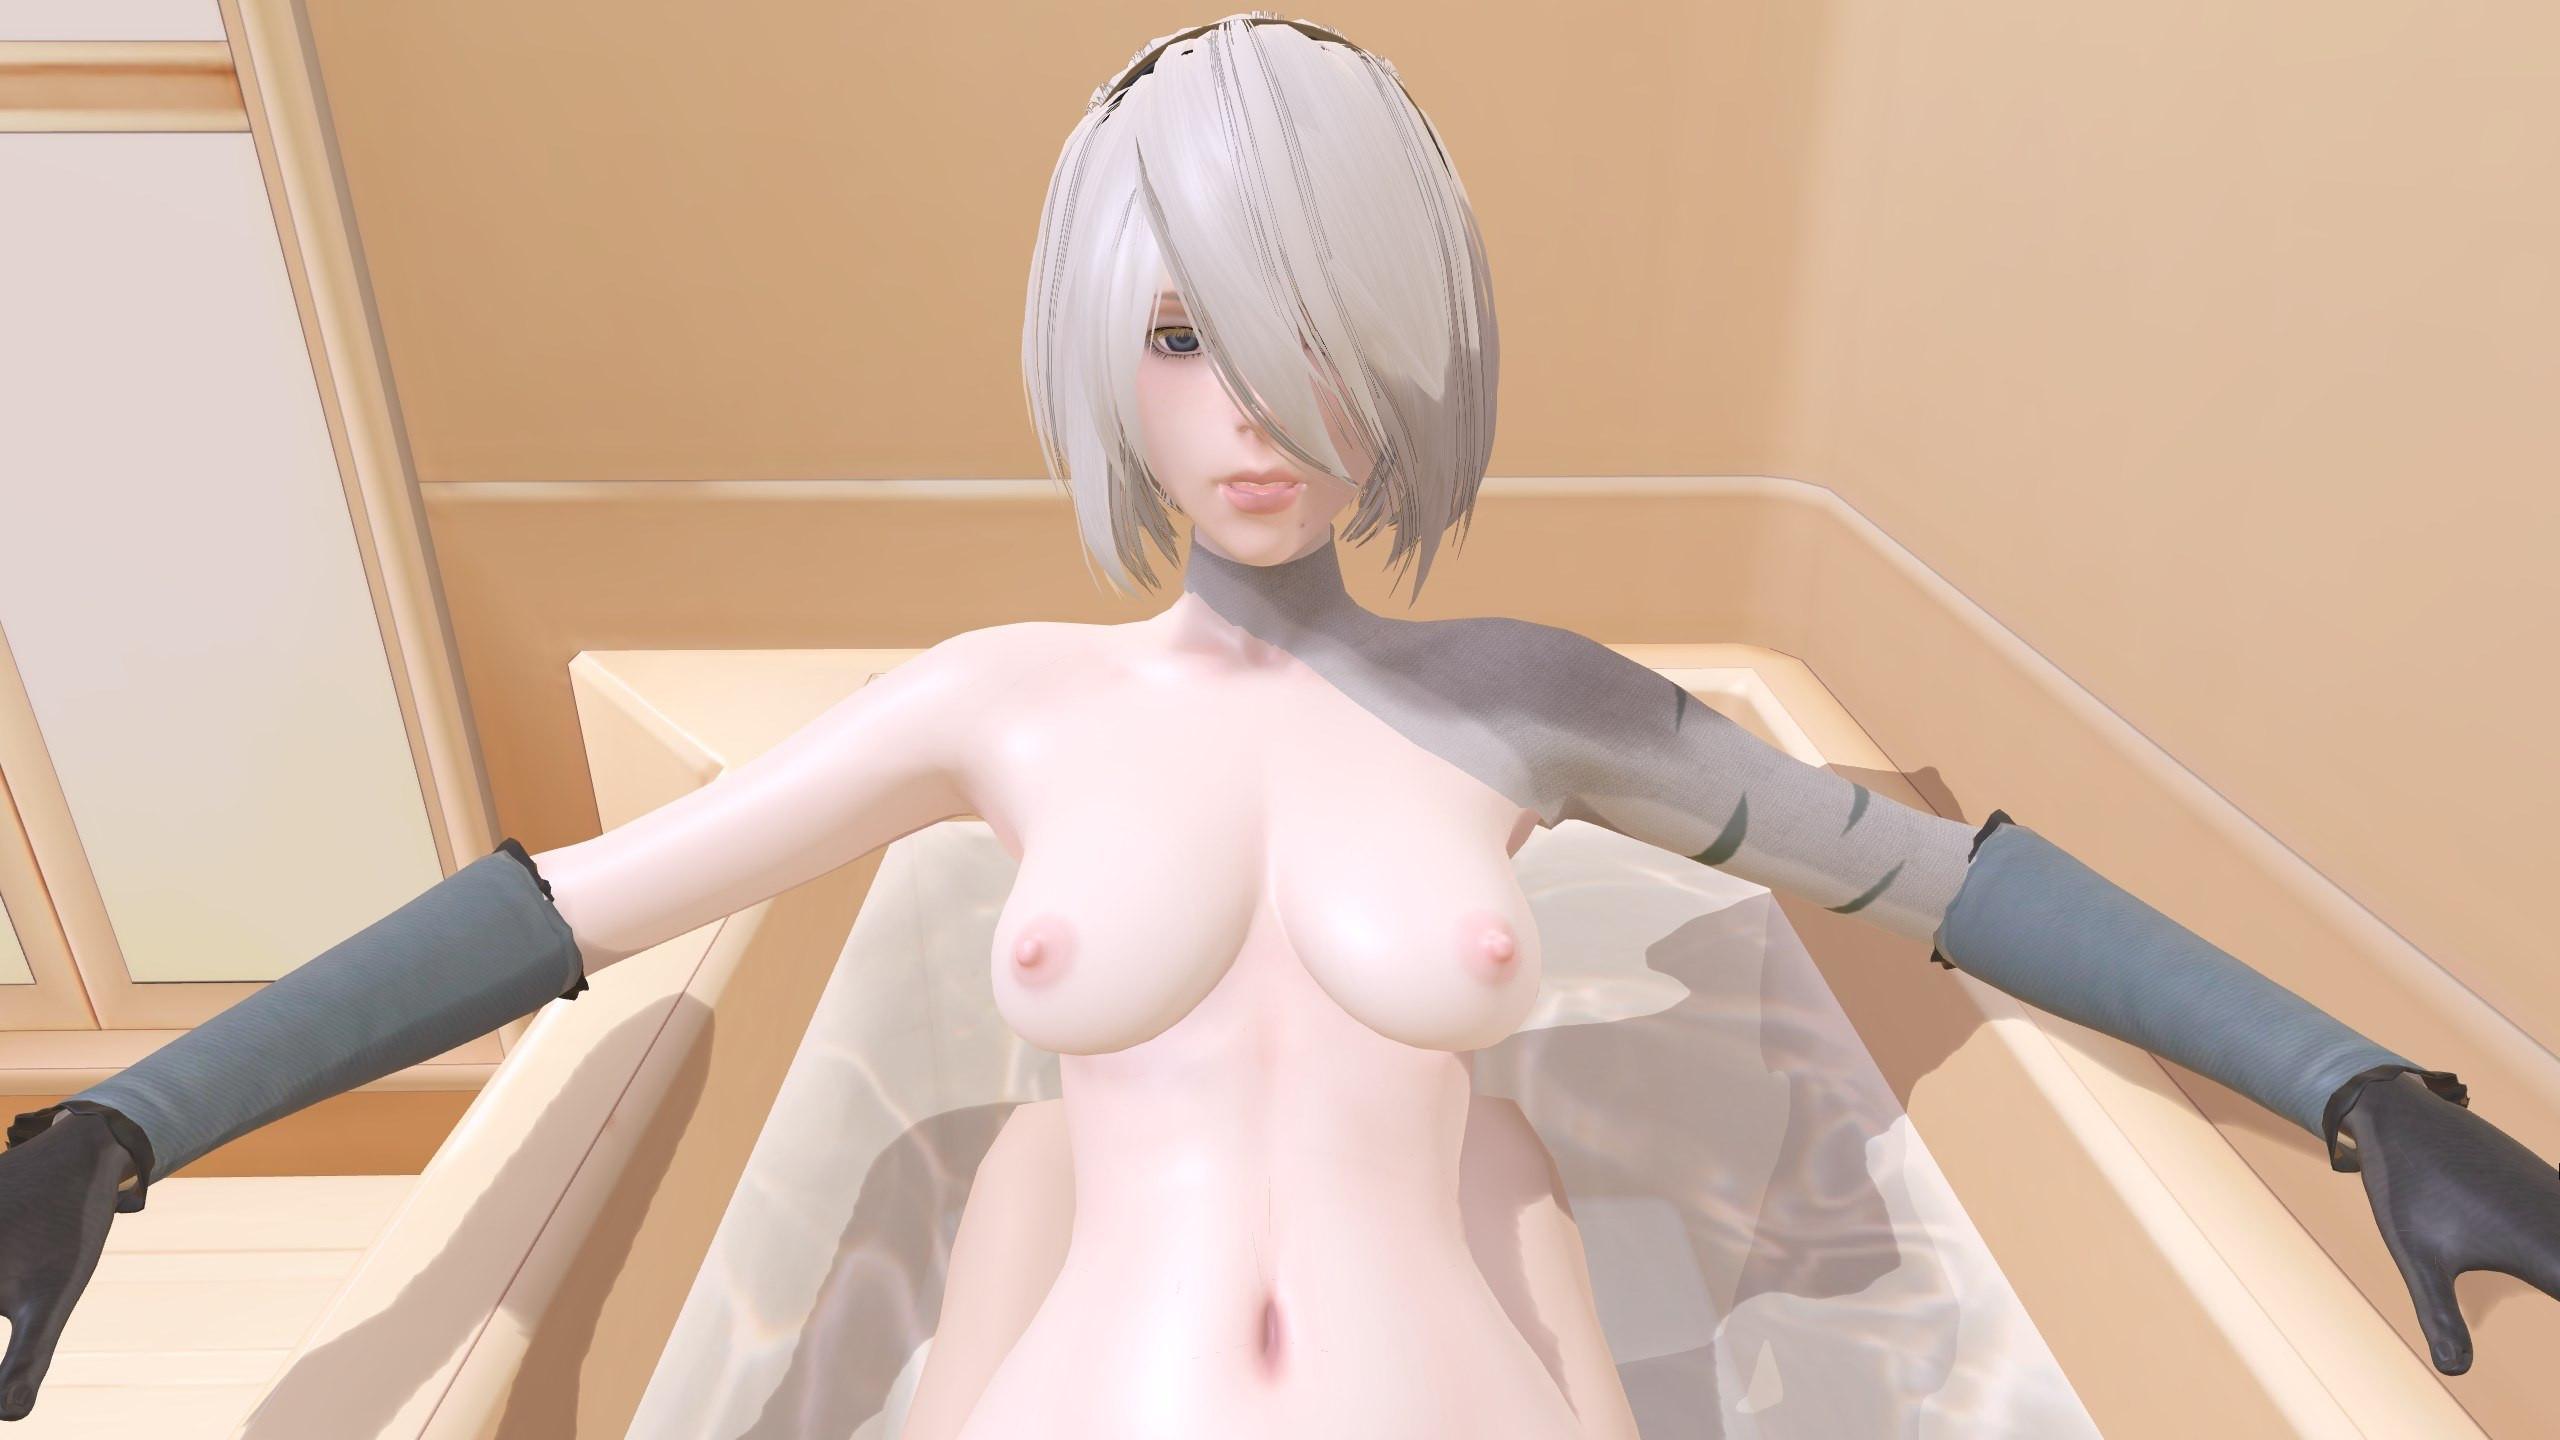 Waifu Sex Simulator Characters